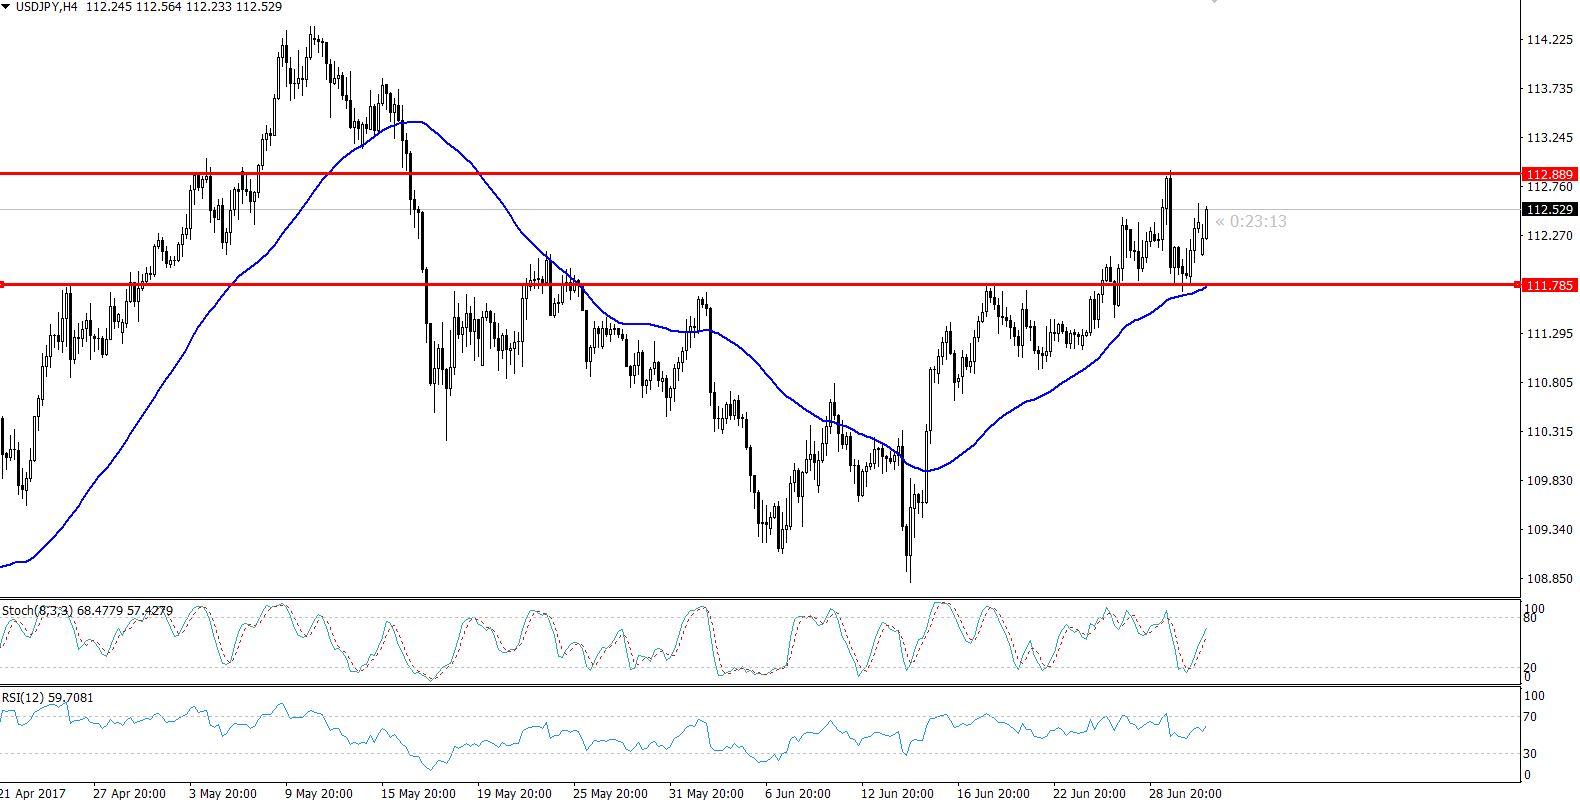 USDJPY - 4 Hours Chart - Narrow Trading Range